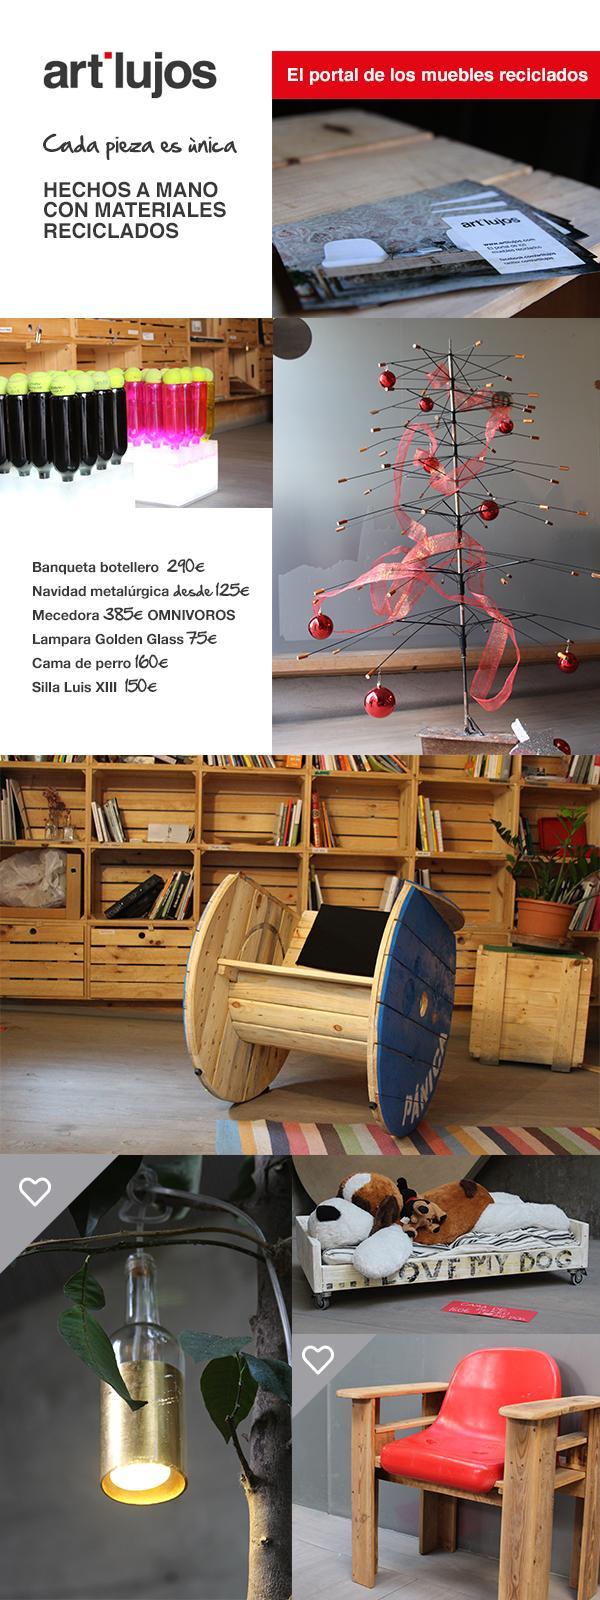 Artilujos un nuevo portal de muebles reciclados paperblog - Muebles originales reciclados ...